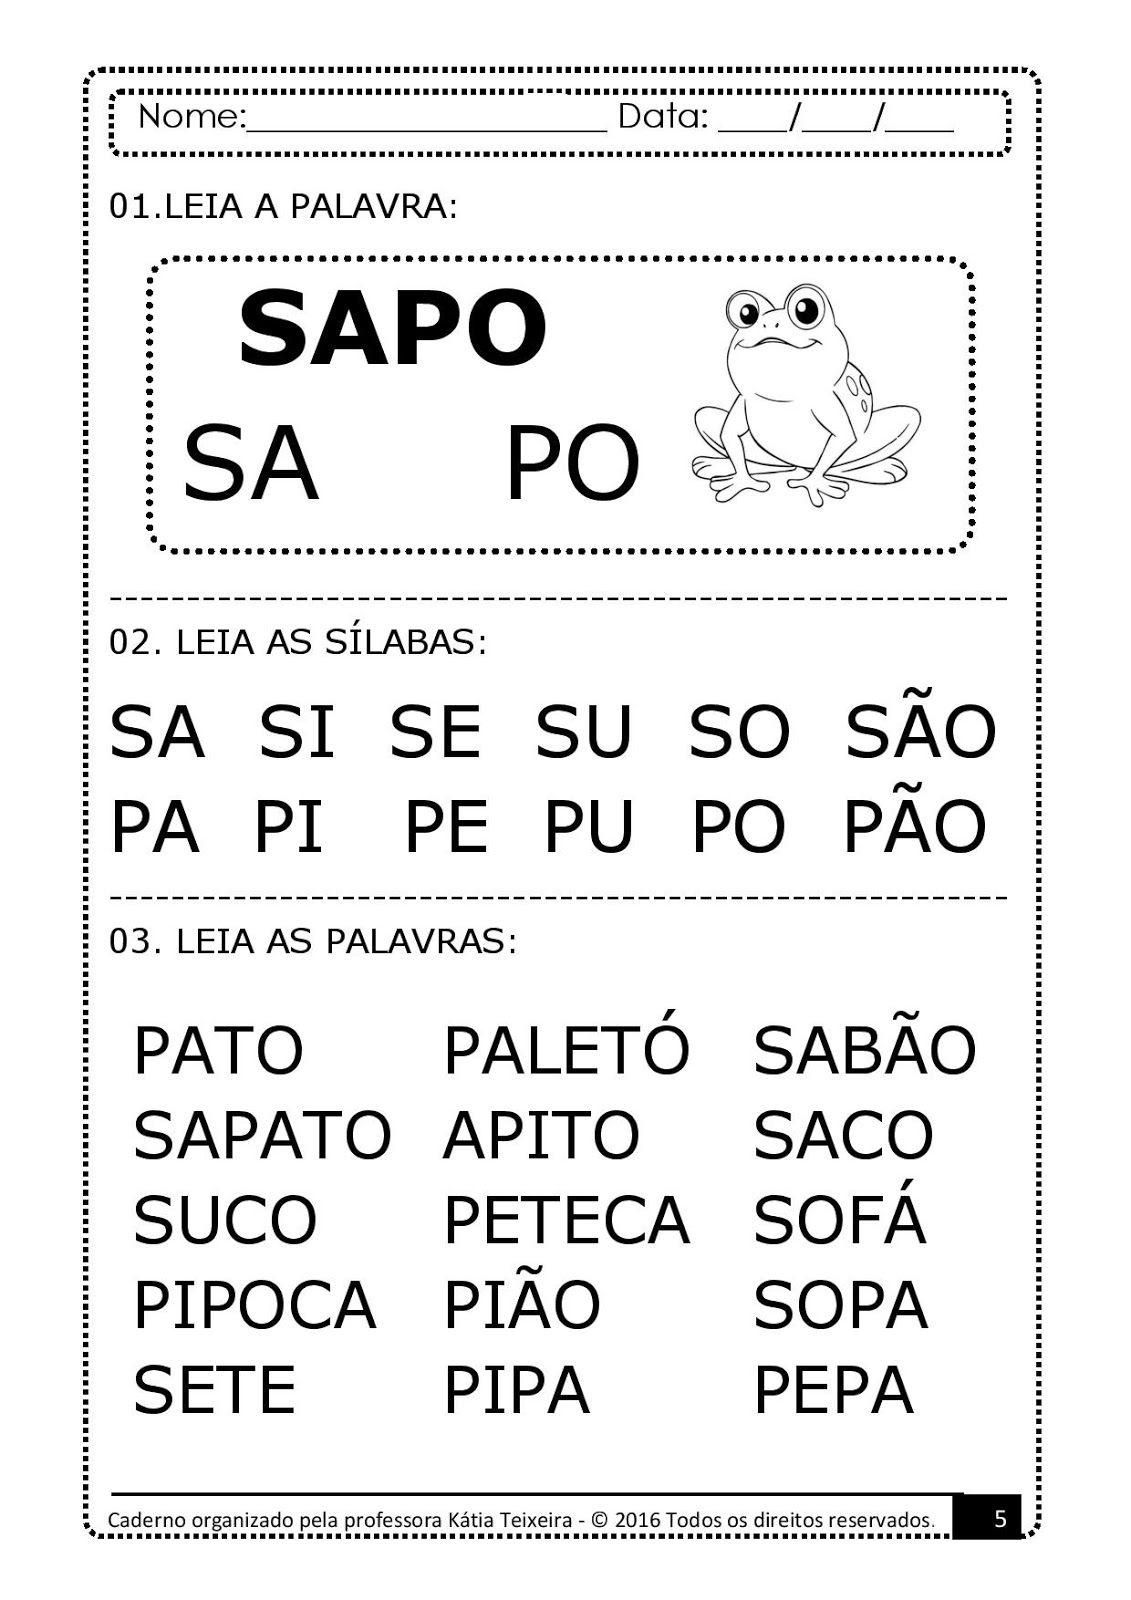 Amostras Cadernos 5 E 6 Coruja E Sapo Palavras Geradoras Letras